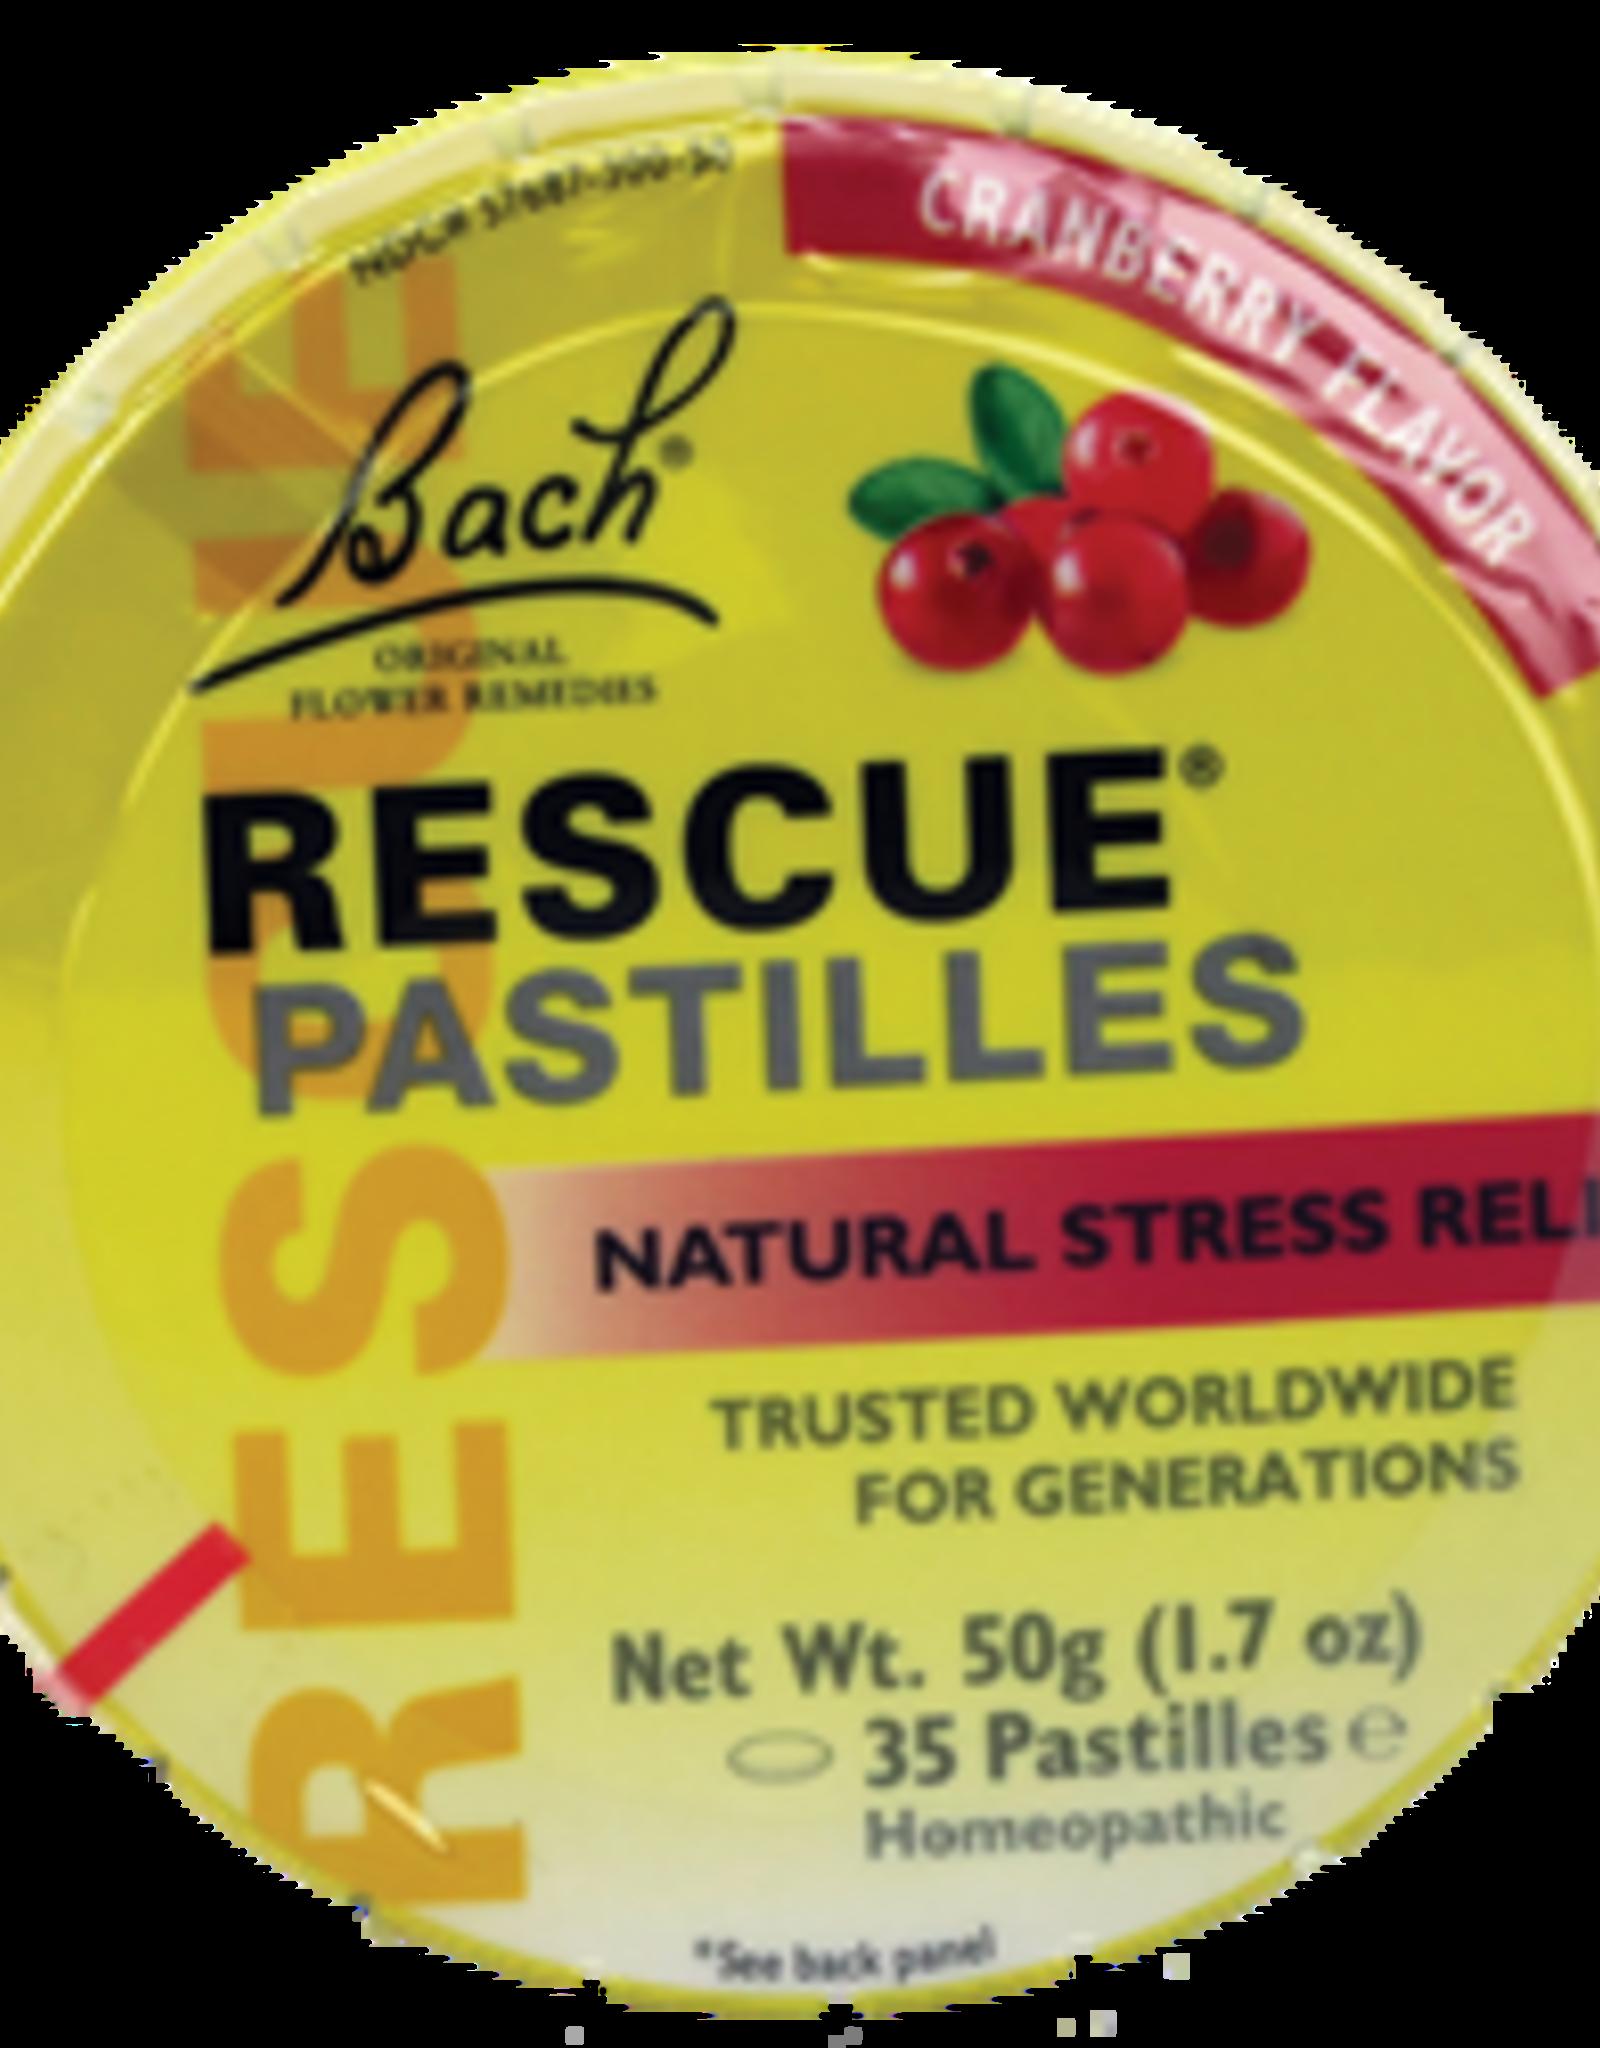 Bach Bach Rescue Pastilles